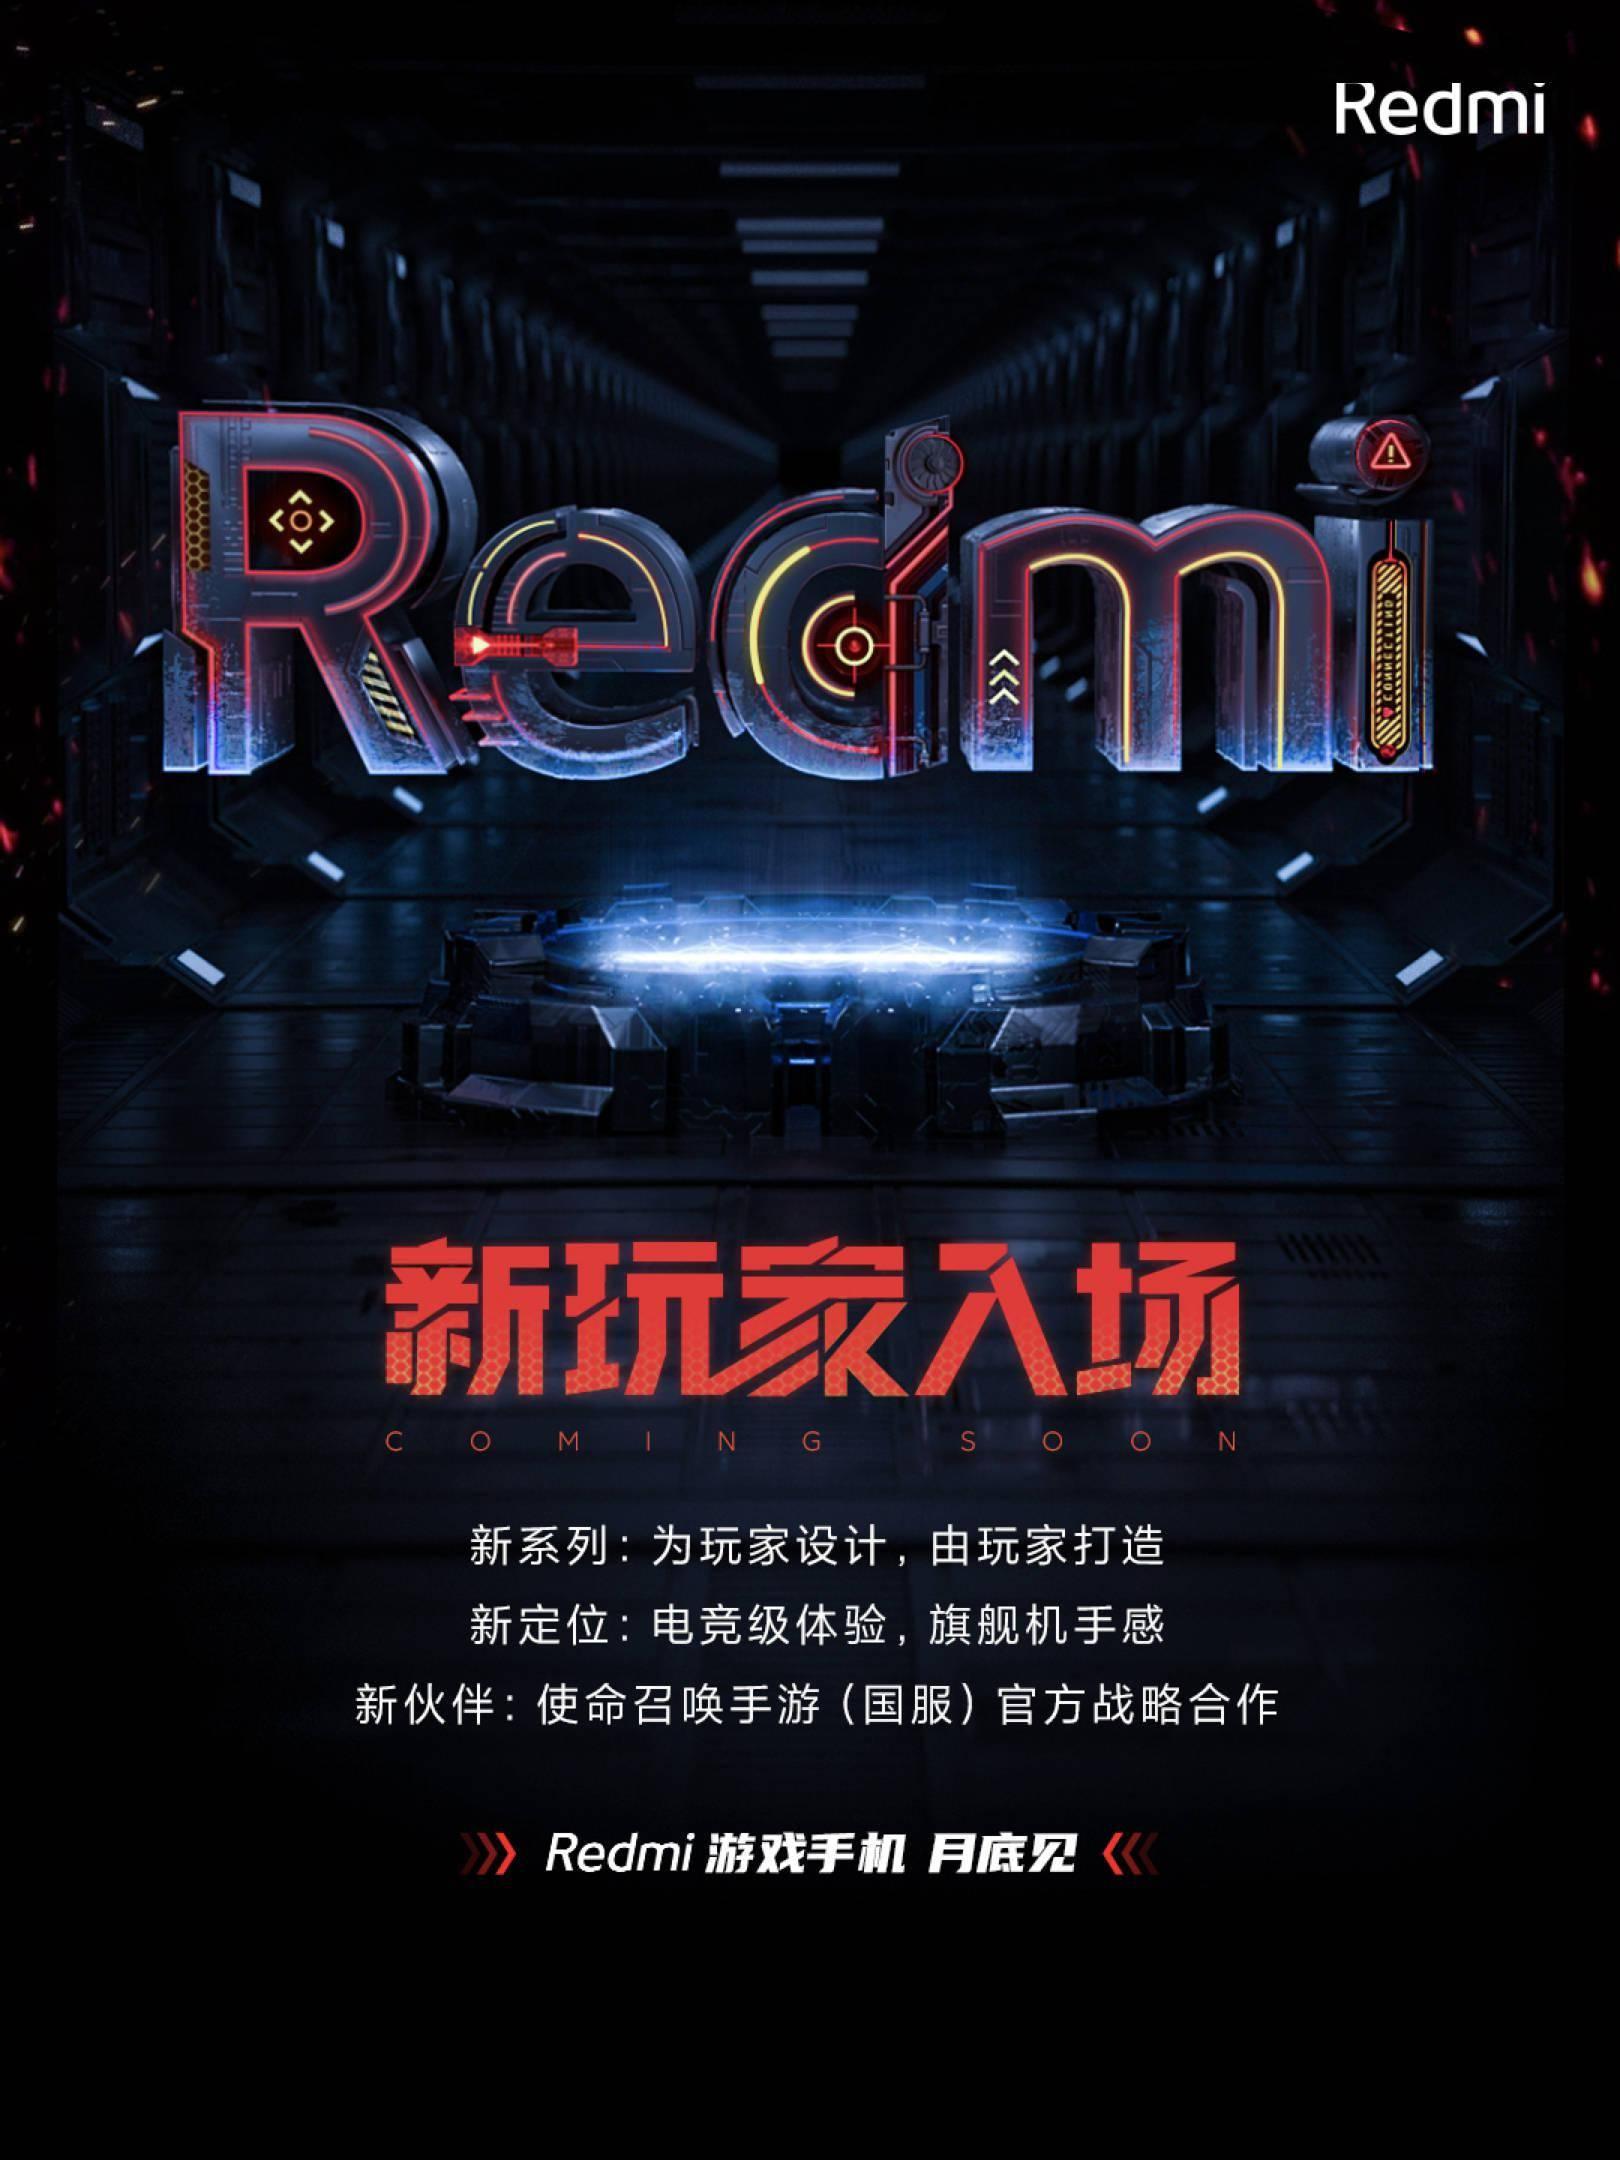 正式官宣:Redmi 决定进军「游戏手机」,月底见